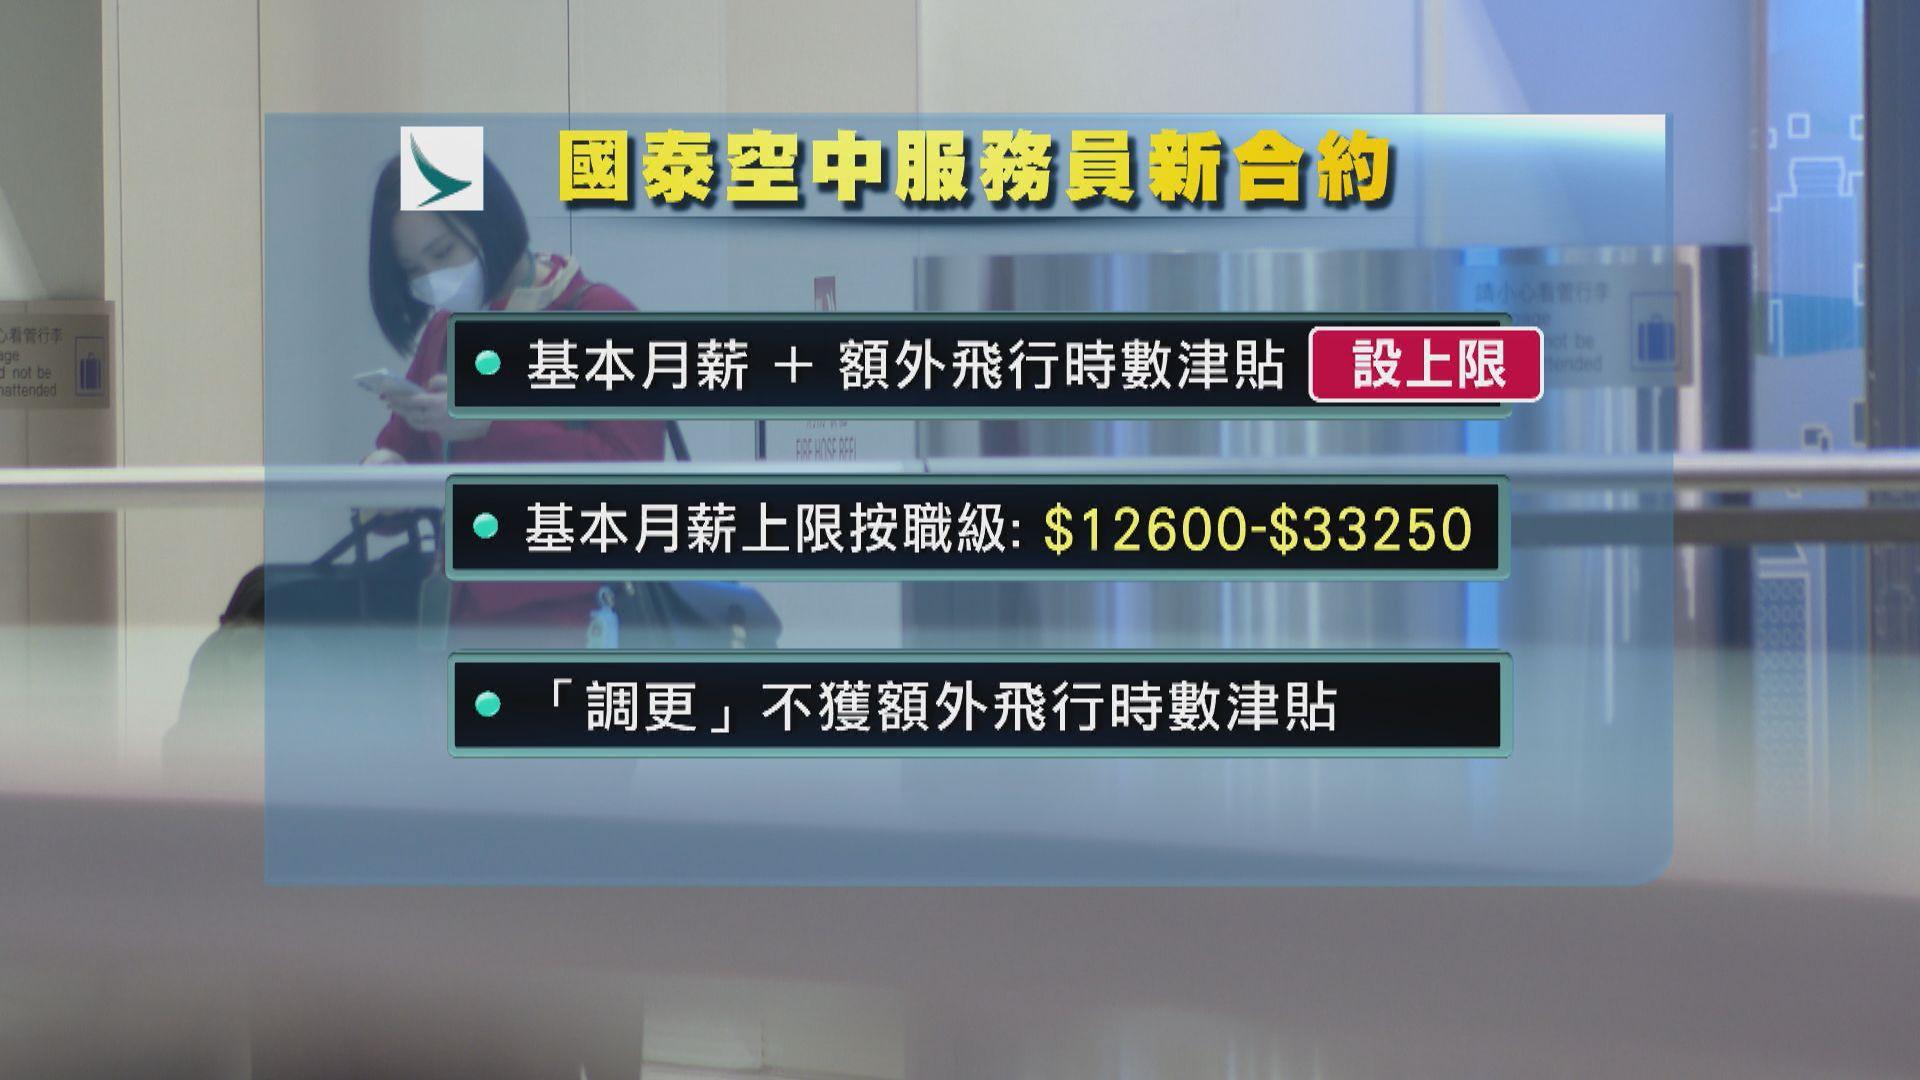 國泰留任員工須簽新合約 部分減薪幅度高達四成